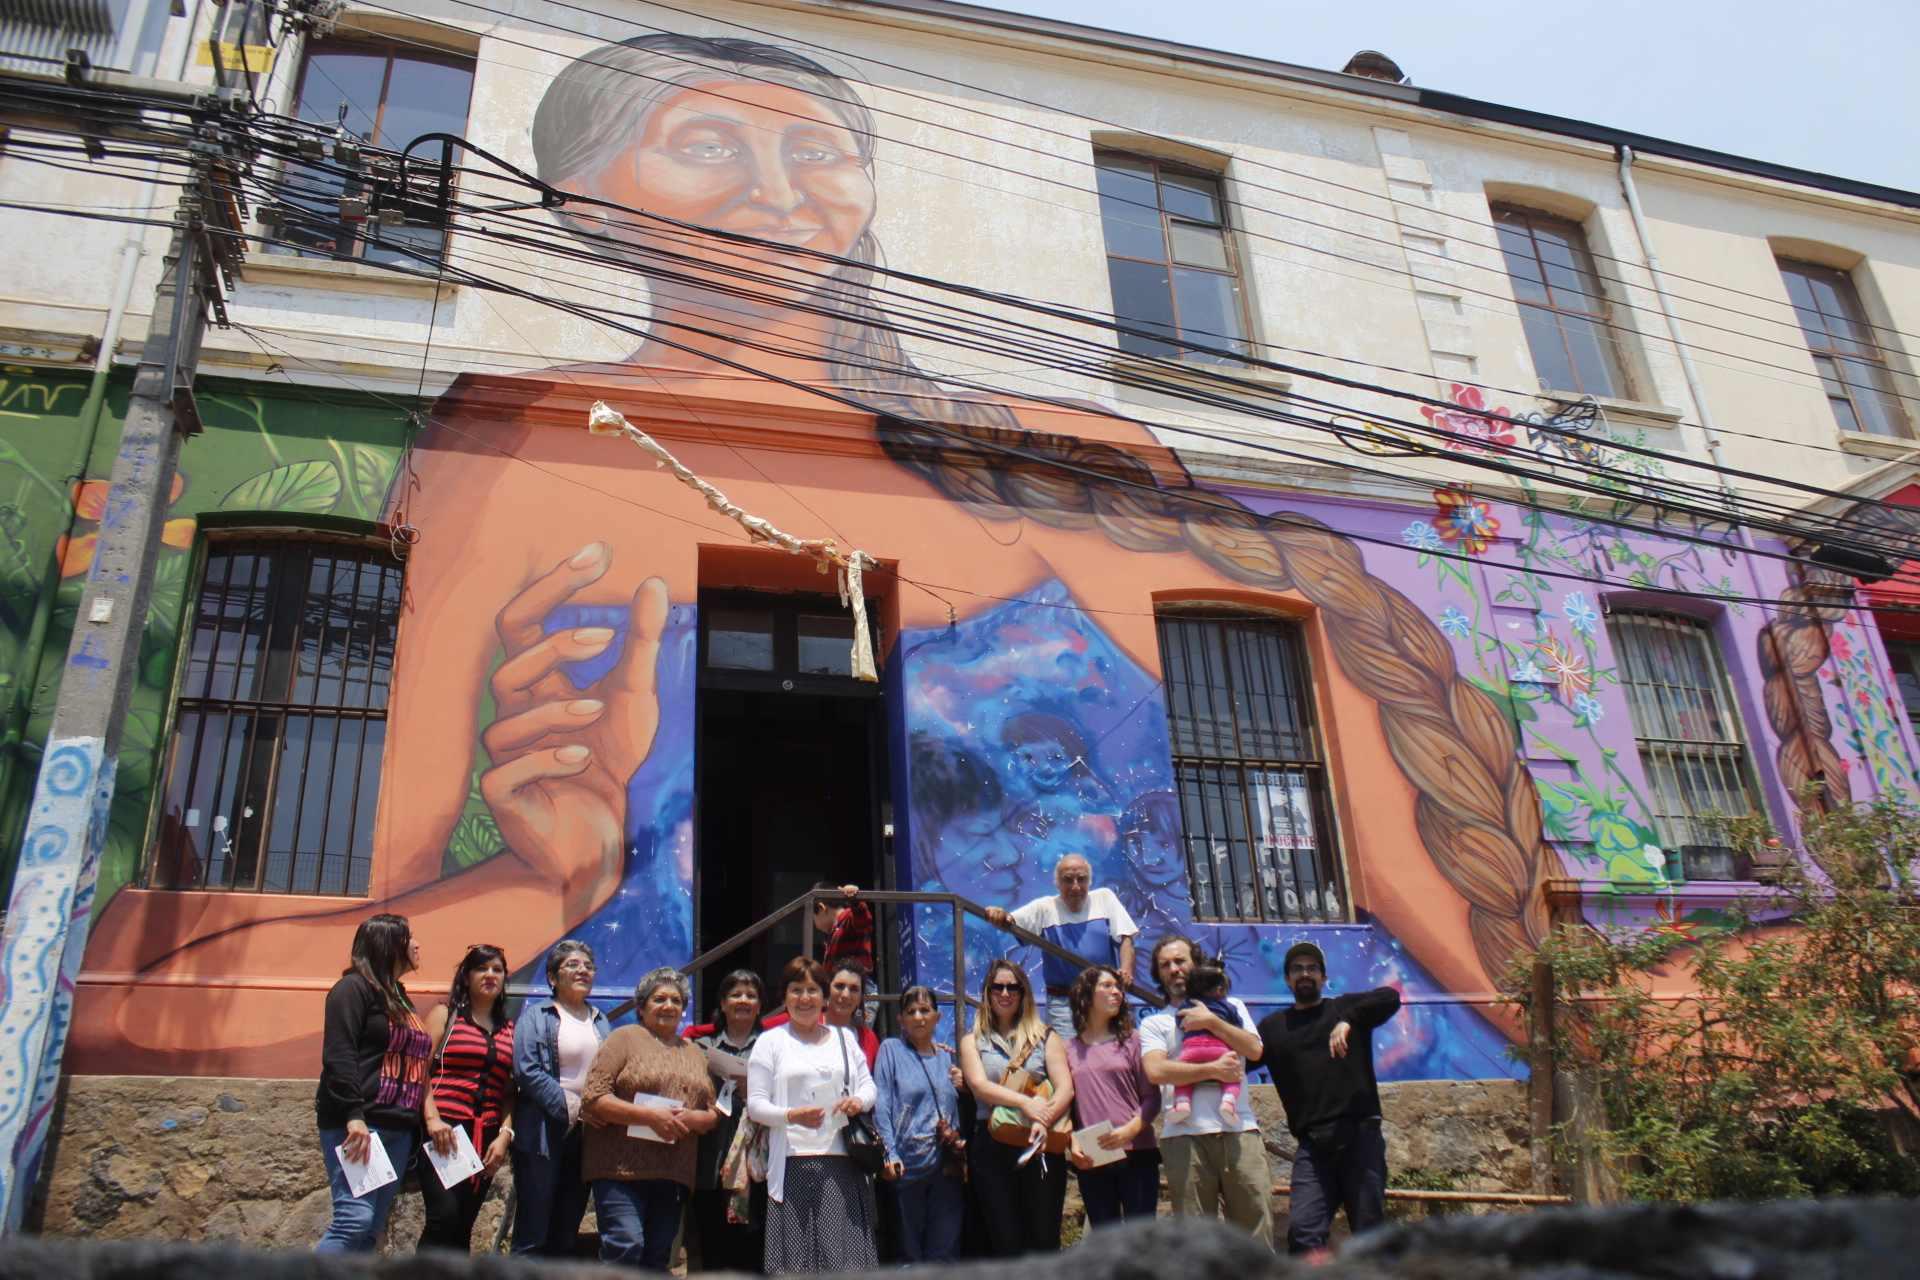 Comunitario y autogestionado: Espacio Santa Ana de Valparaíso inauguró su nueva casona